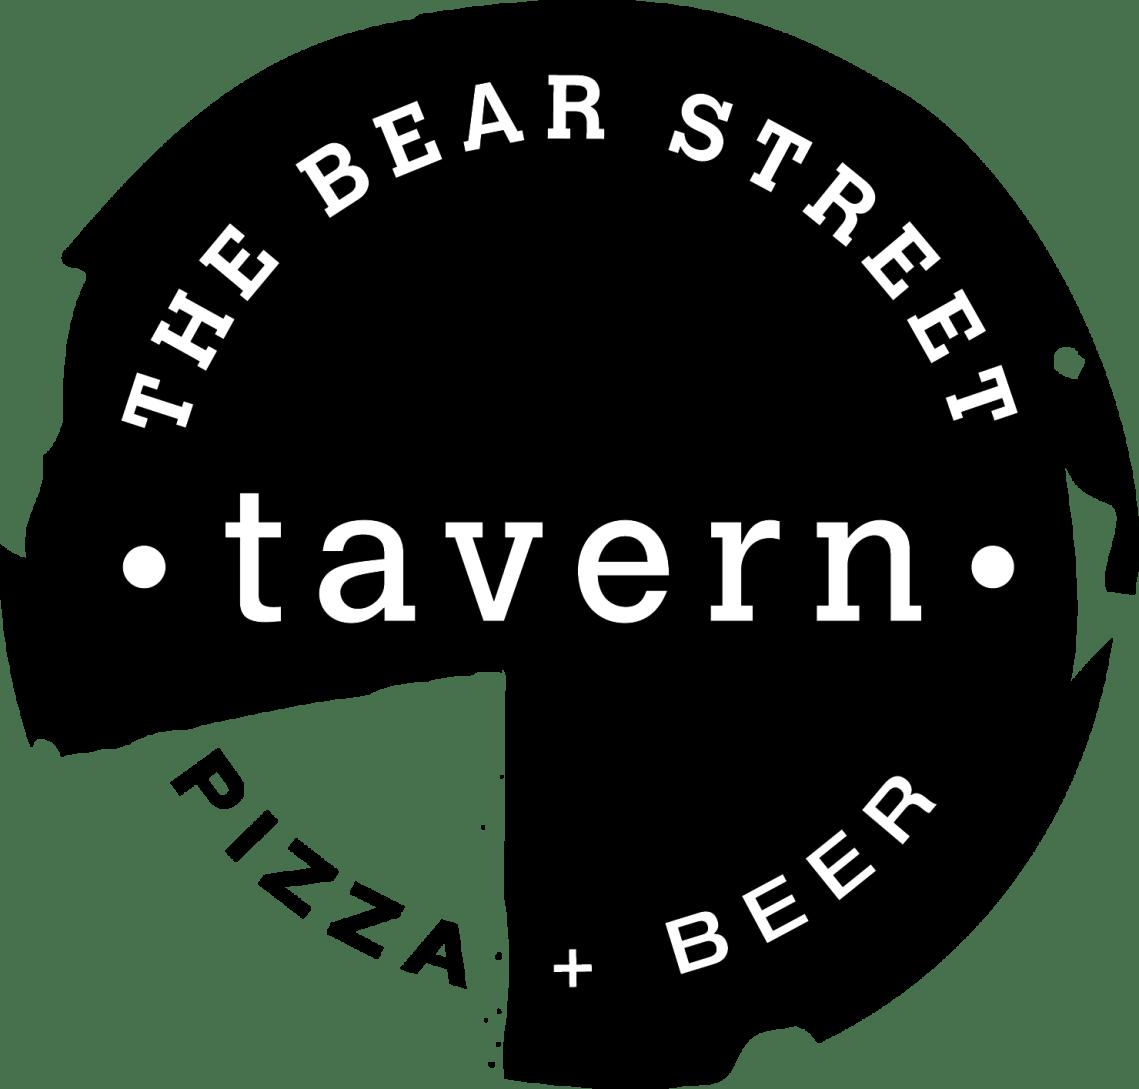 Bear Street Tavern